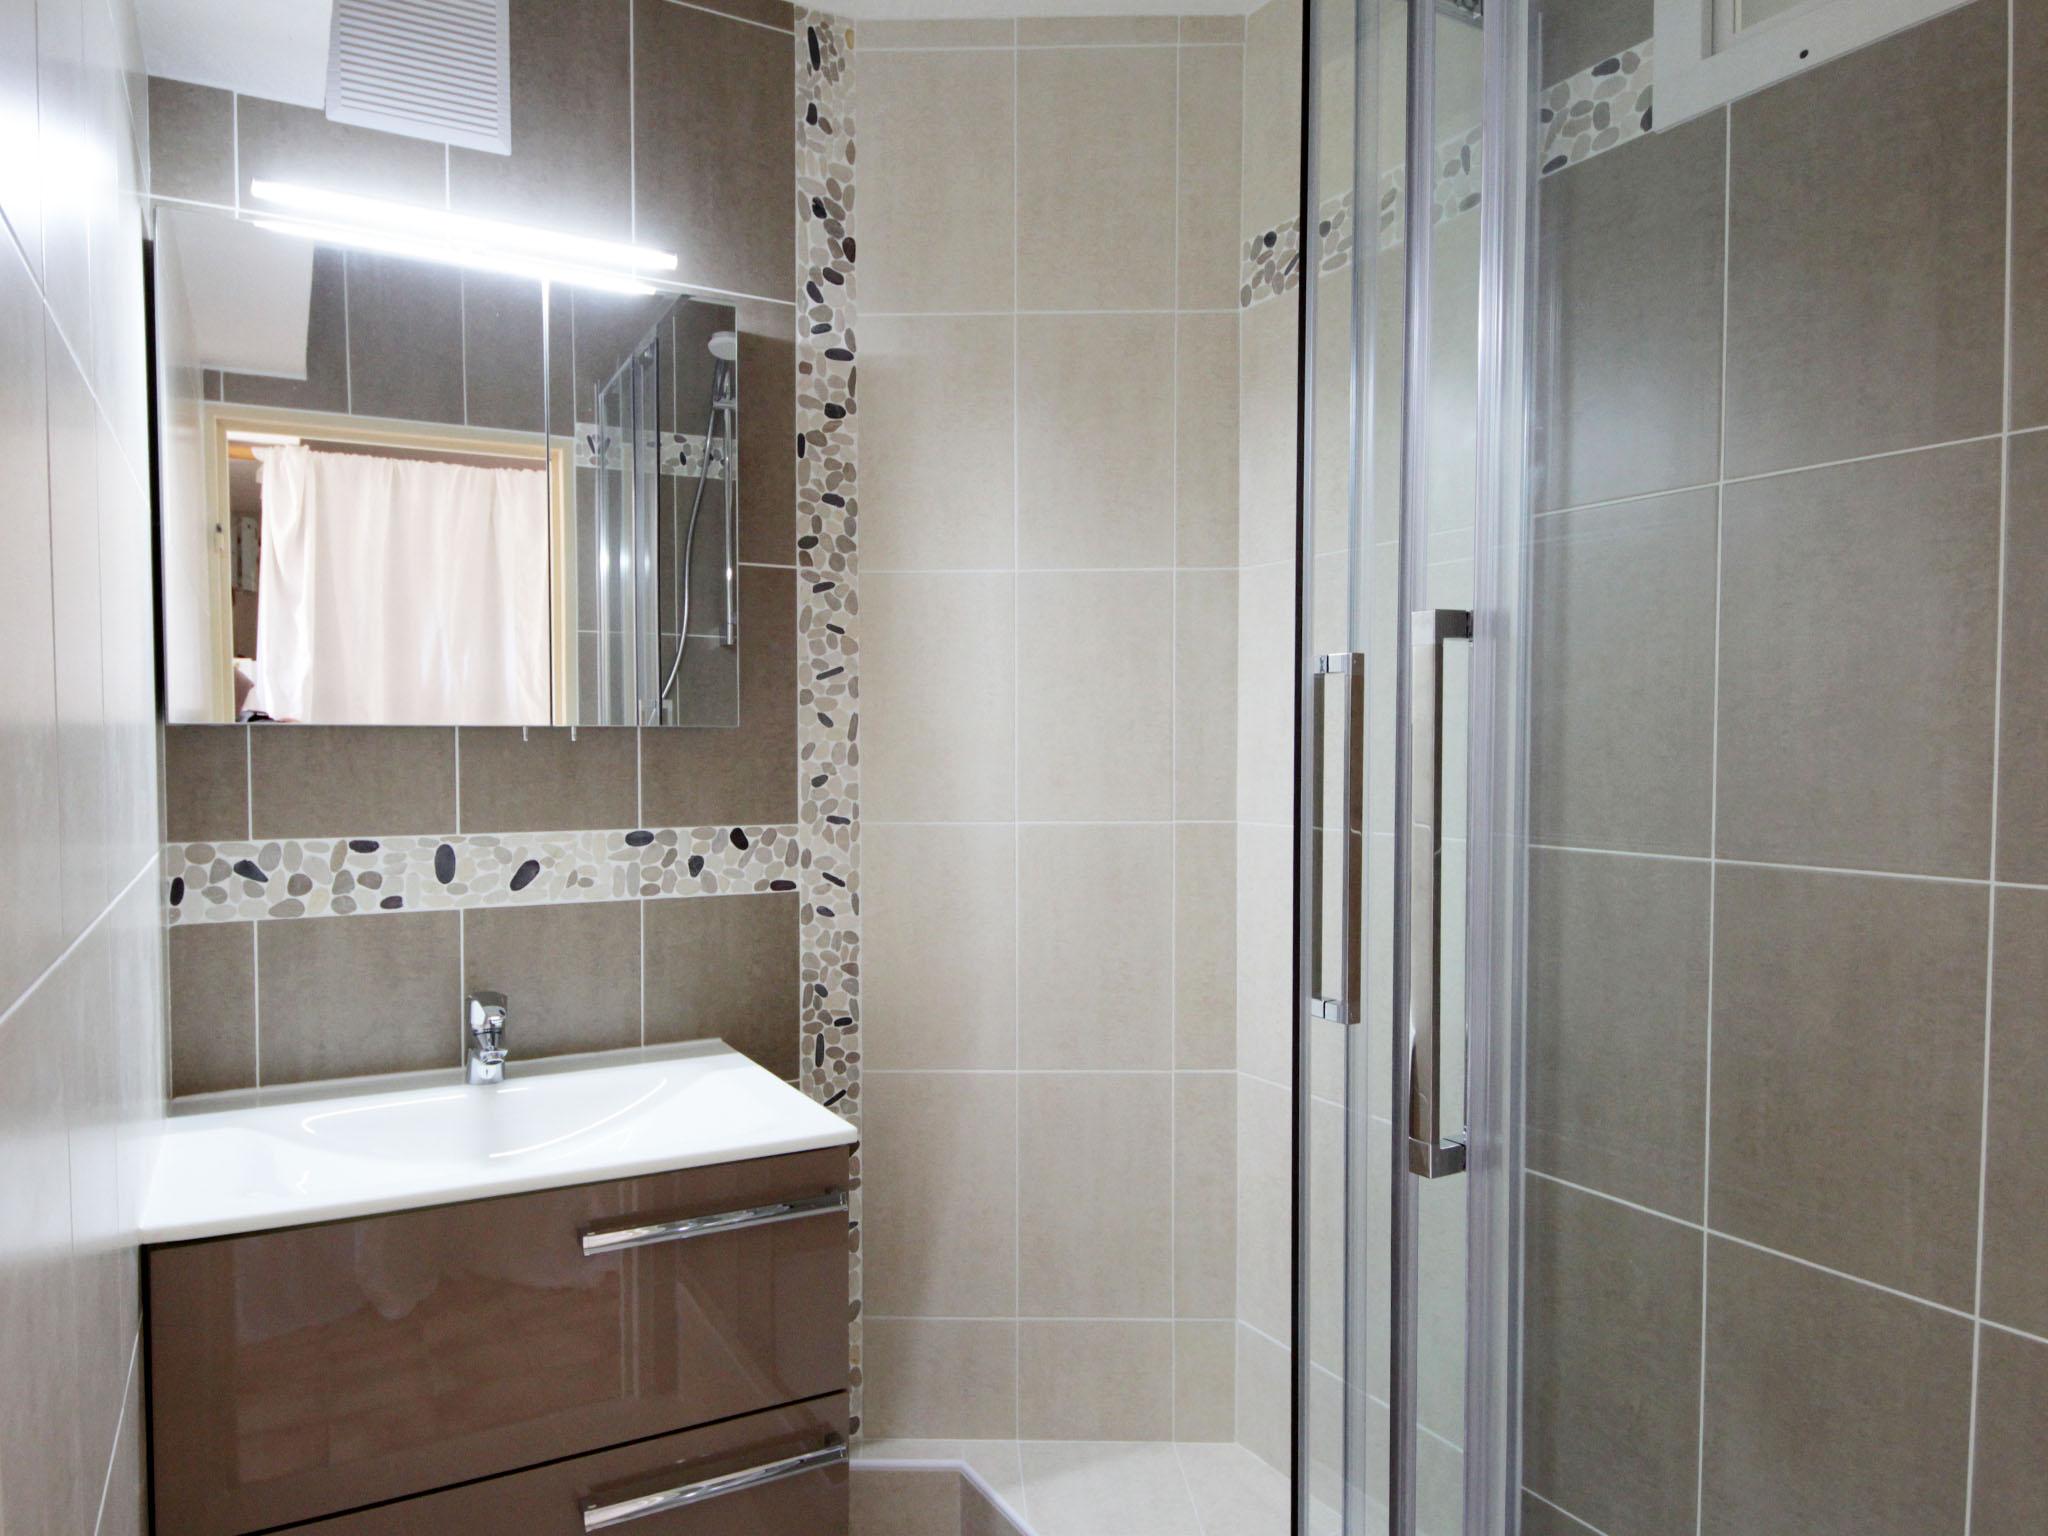 Travaux de renovation d 39 interieur cuisine salle de for Peinture acrylique salle de bain